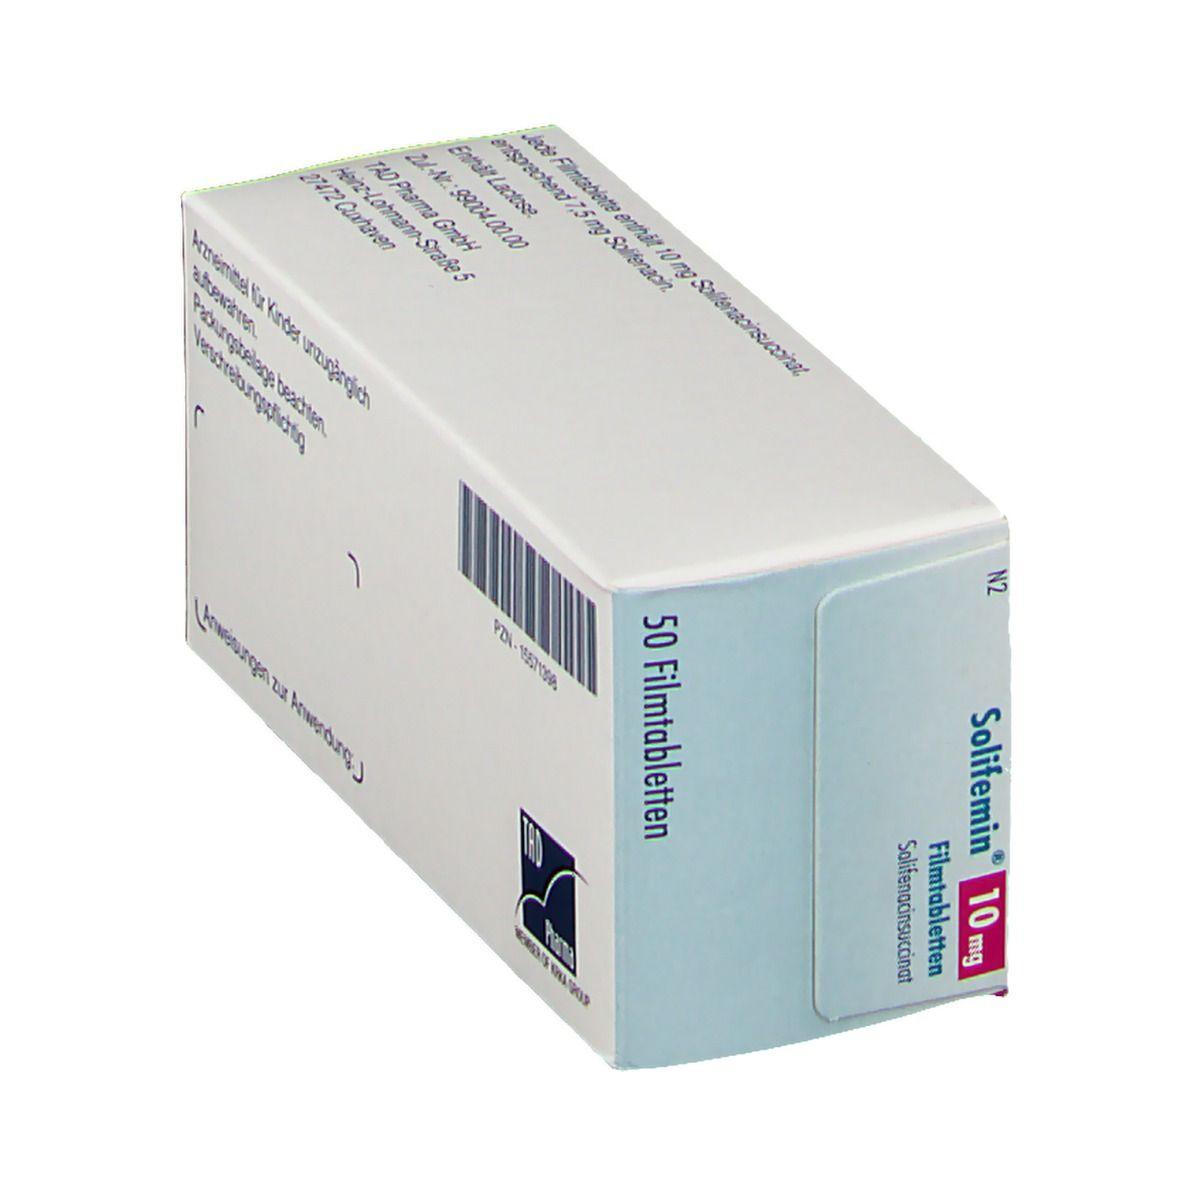 SOLIFEMIN 10 mg Filmtabletten